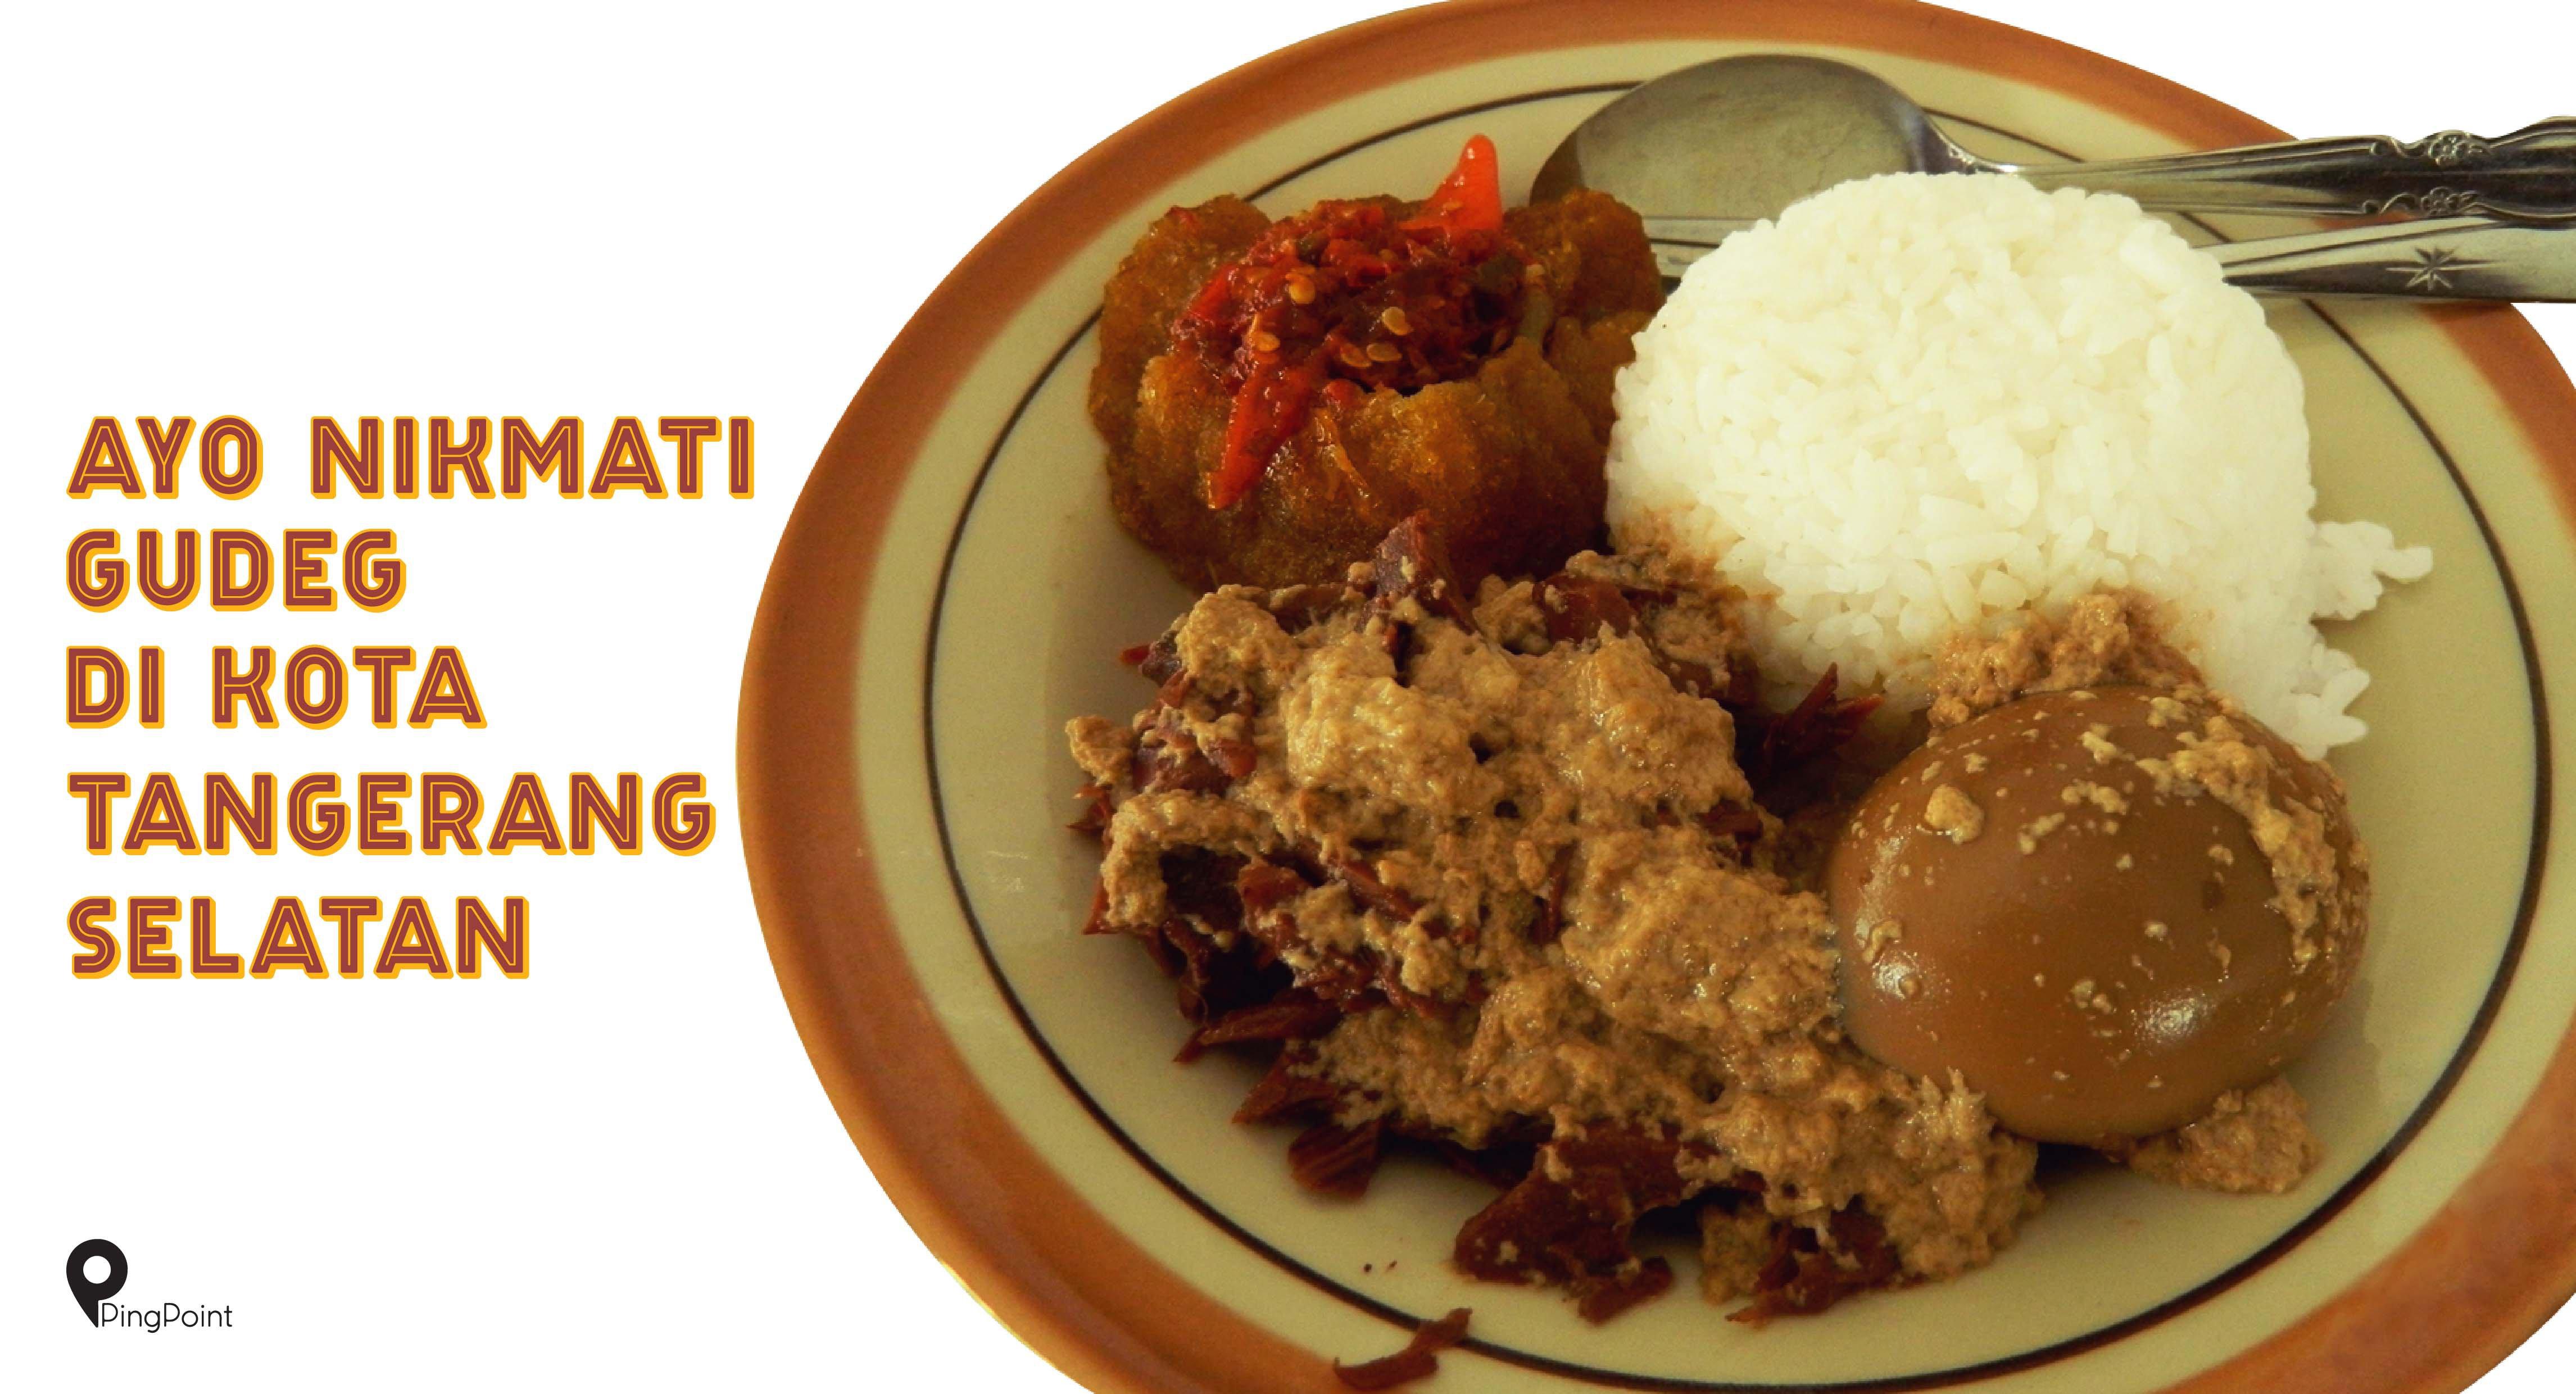 Menikmati Kelezatan Gudeg Di Kota Tangerang Selatan